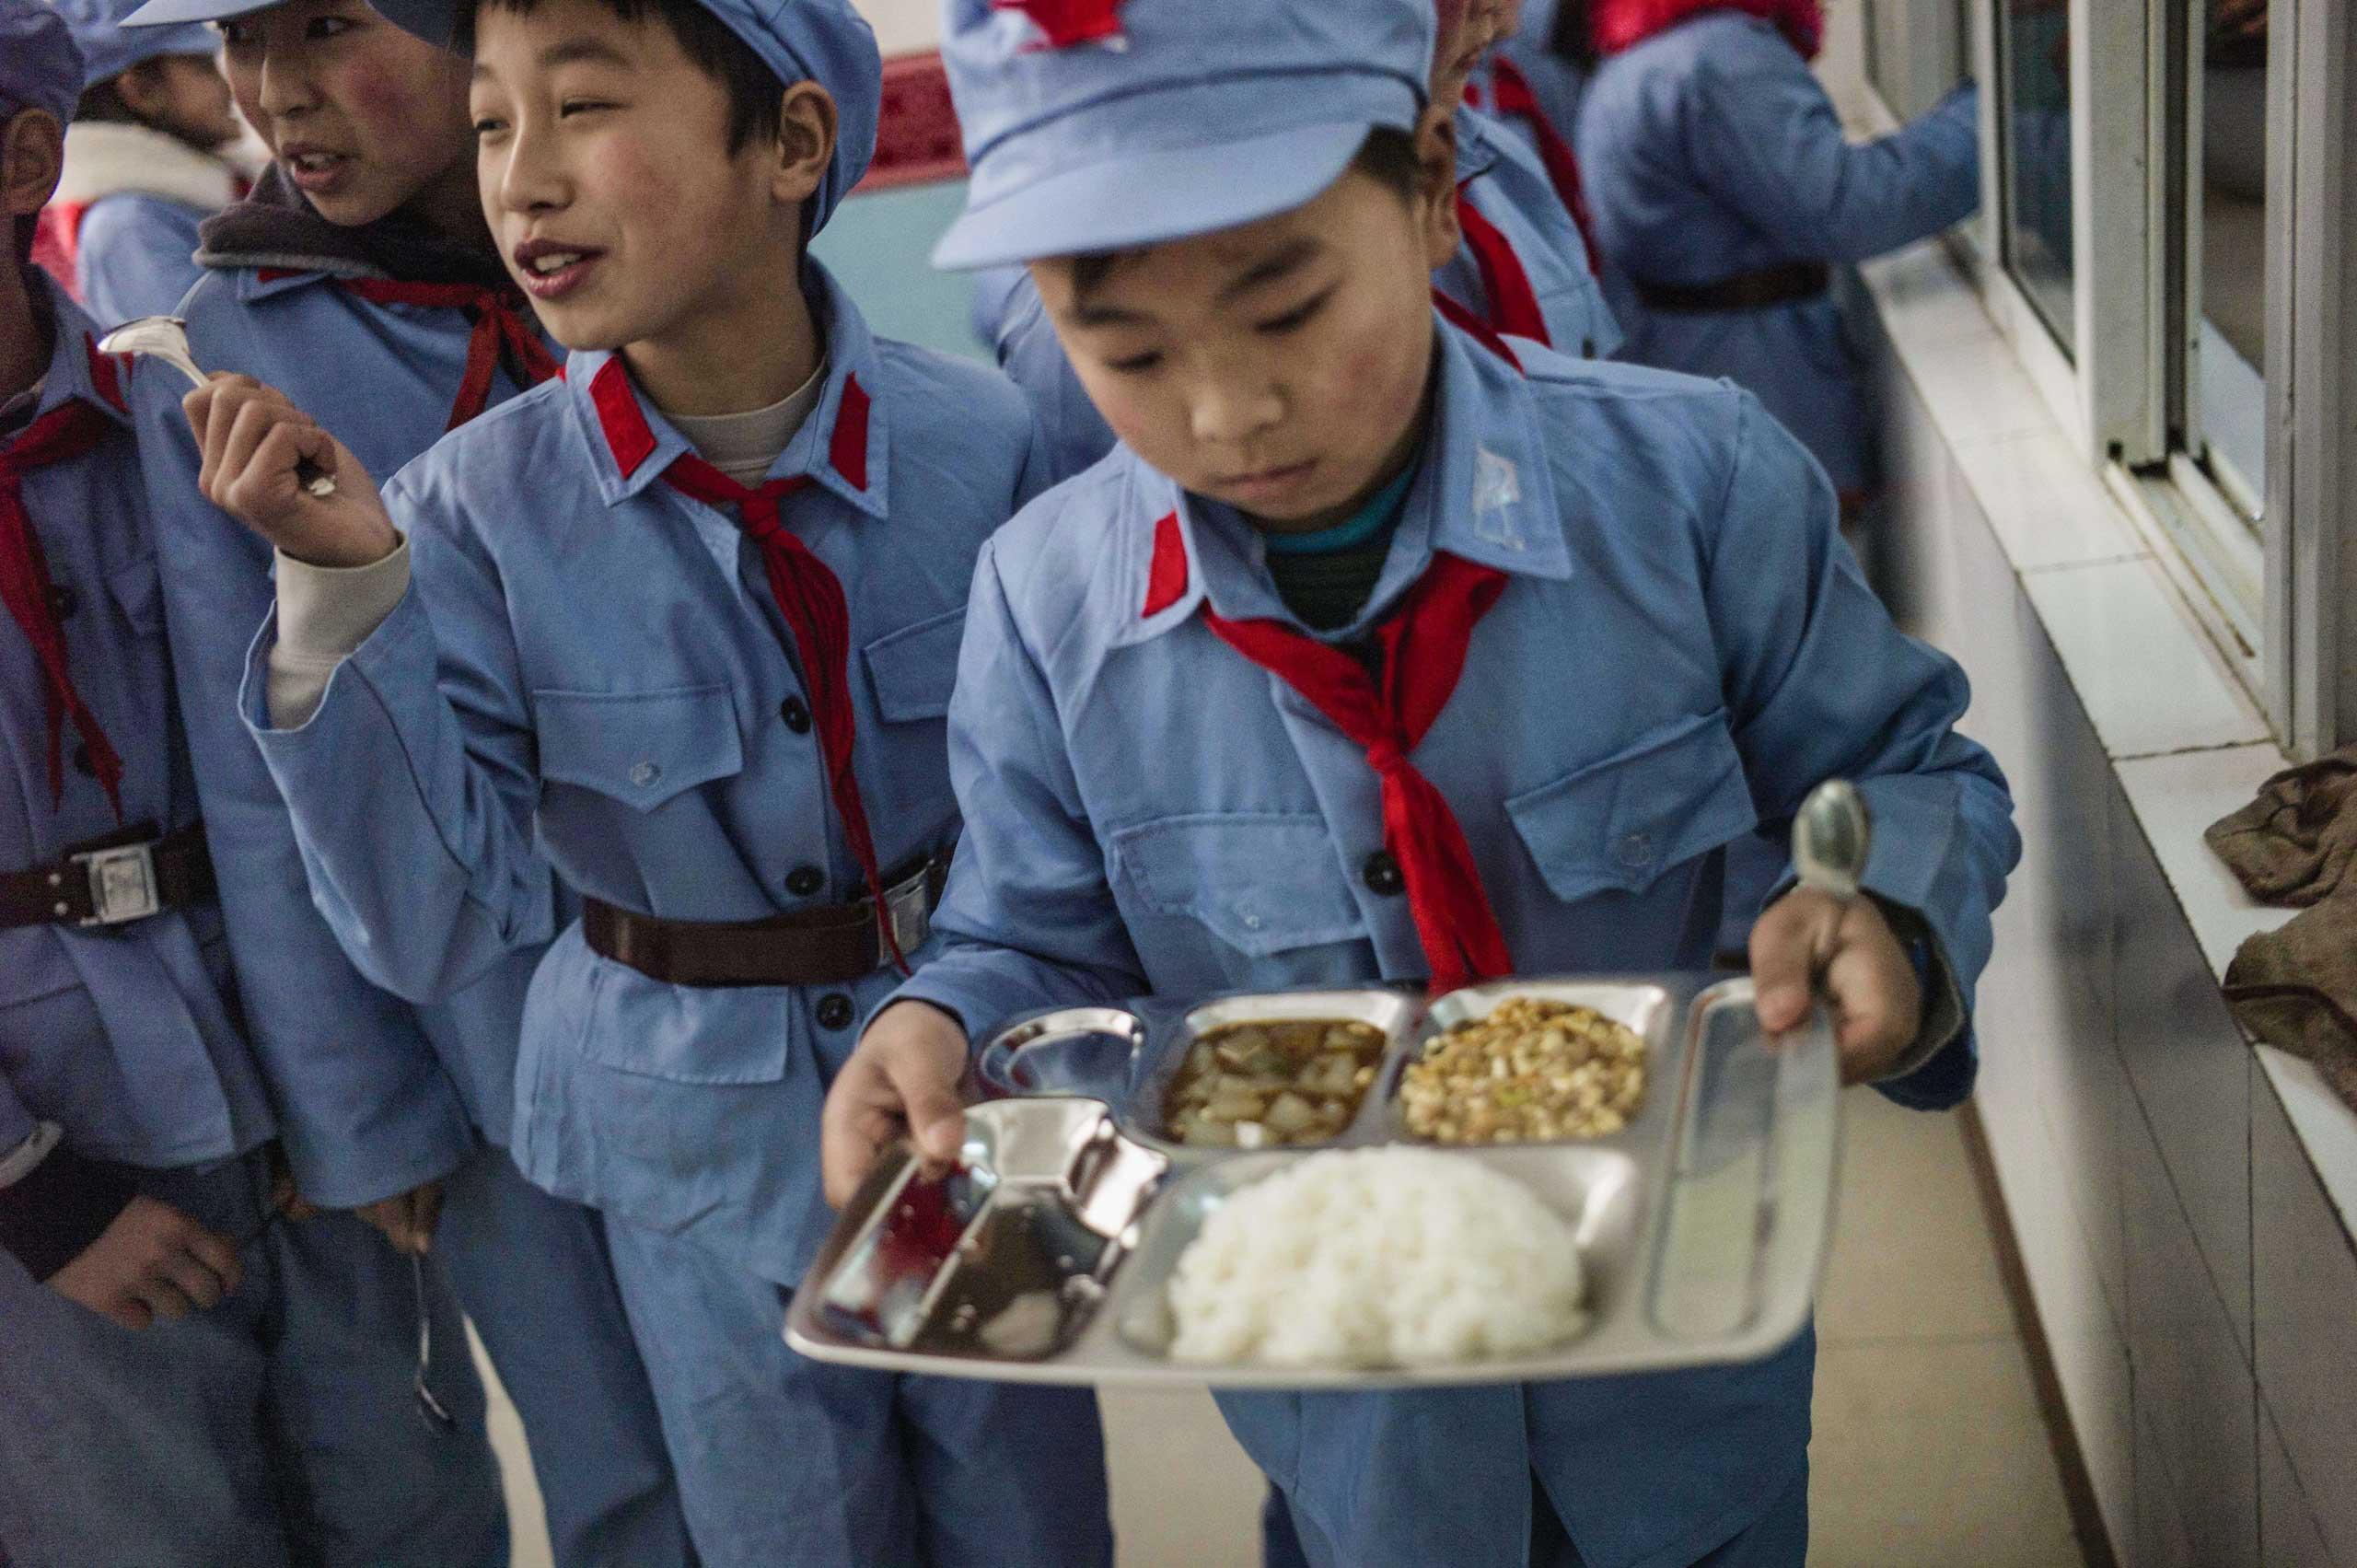 Children take their lunch.